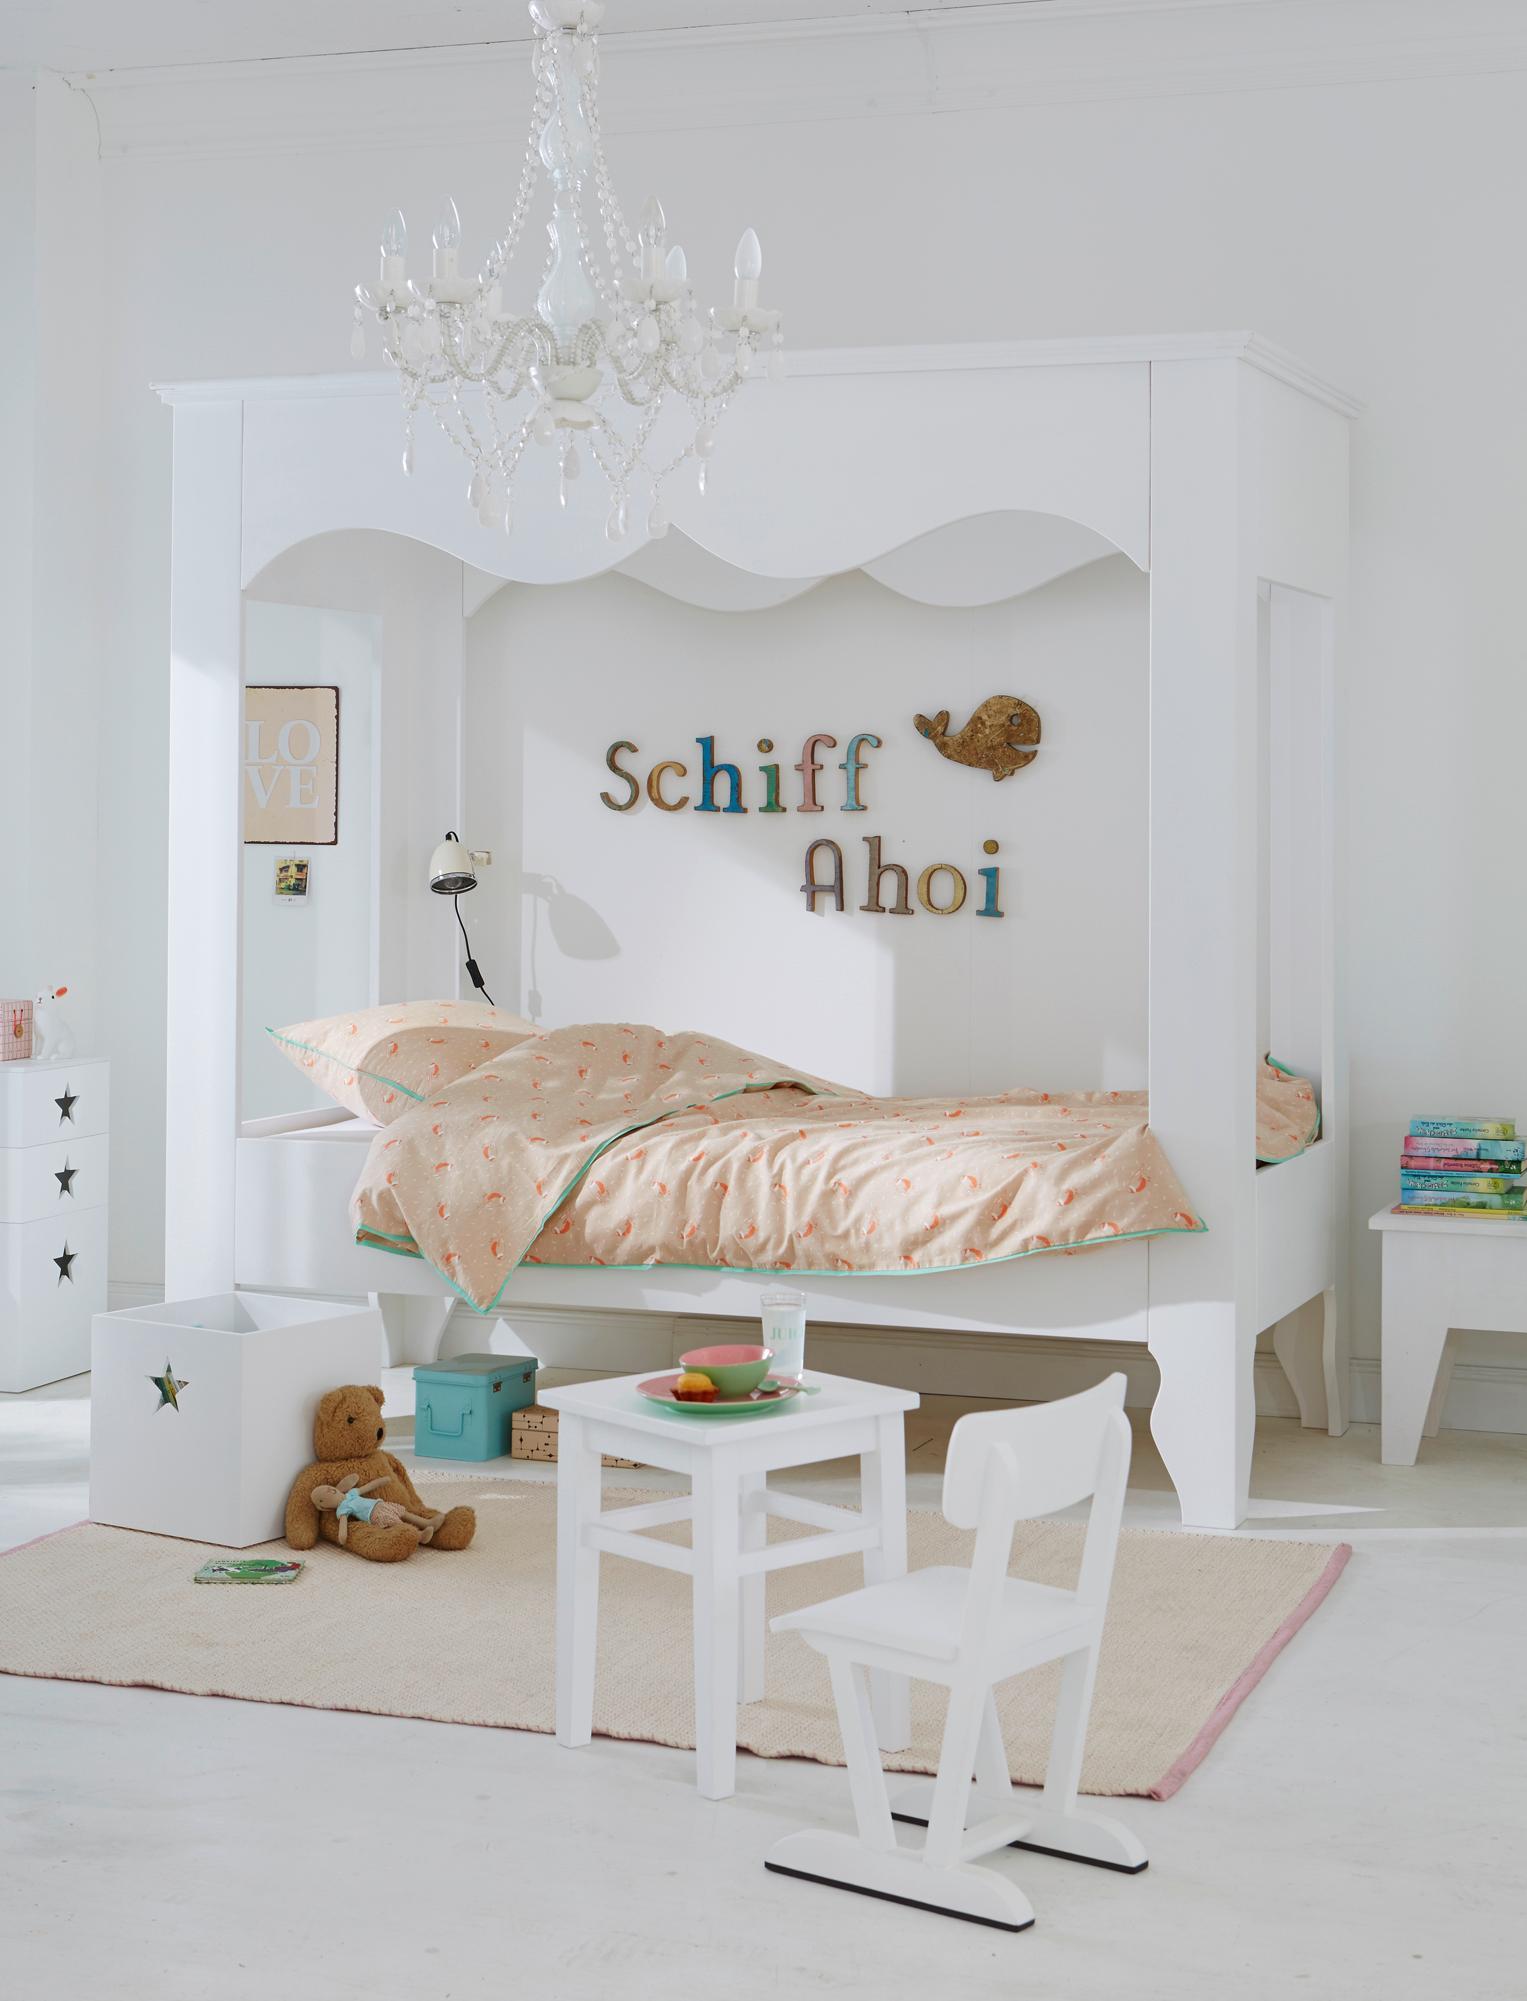 Kronleuchter seite 3 bilder ideen couchstyle for Weisses kinderzimmer